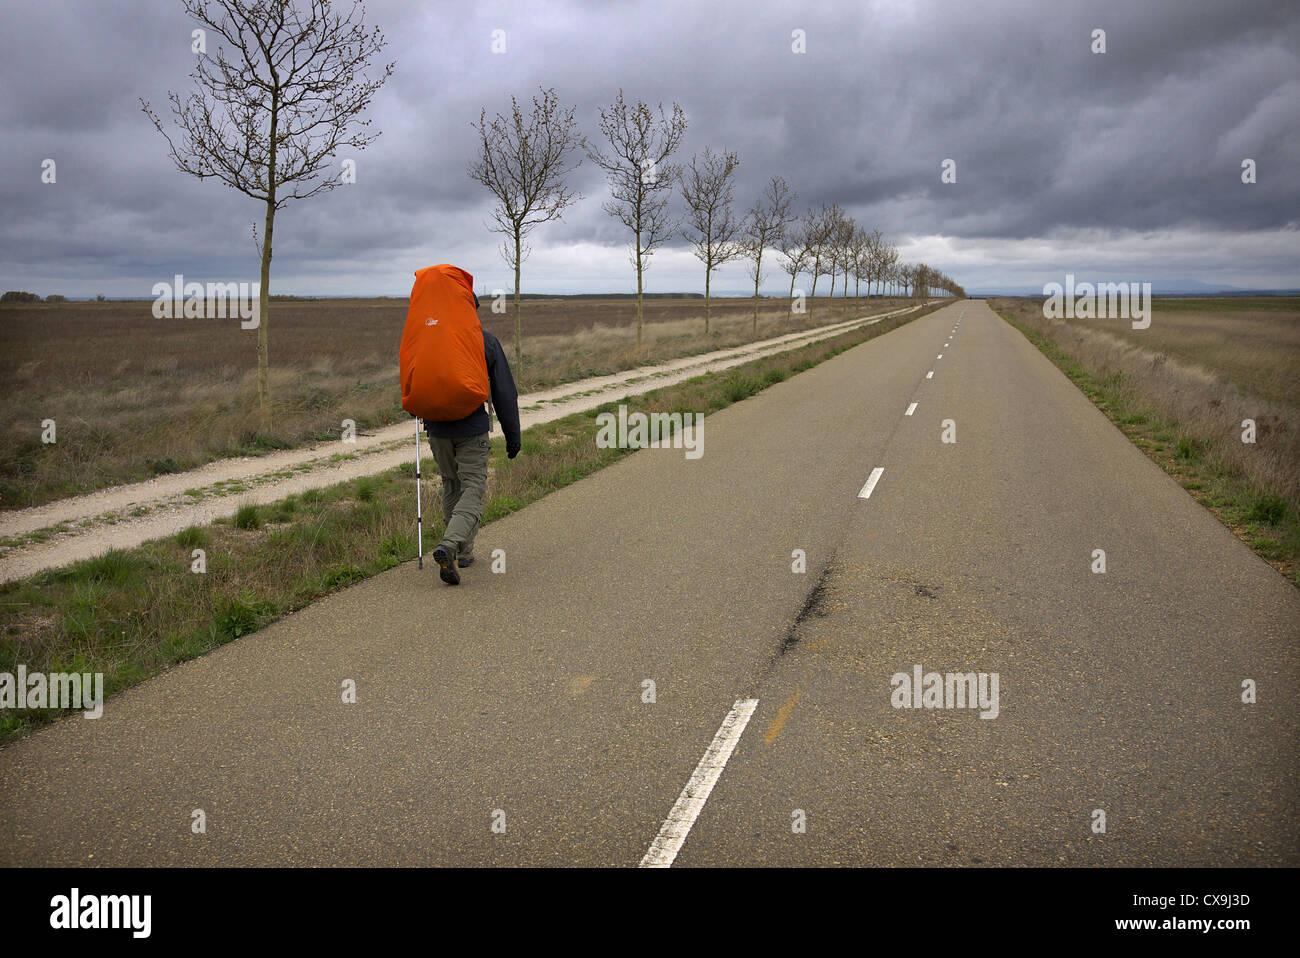 A pilgrim walking the camino to Santiago de Compostela, near Sahagun in Spain. - Stock Image